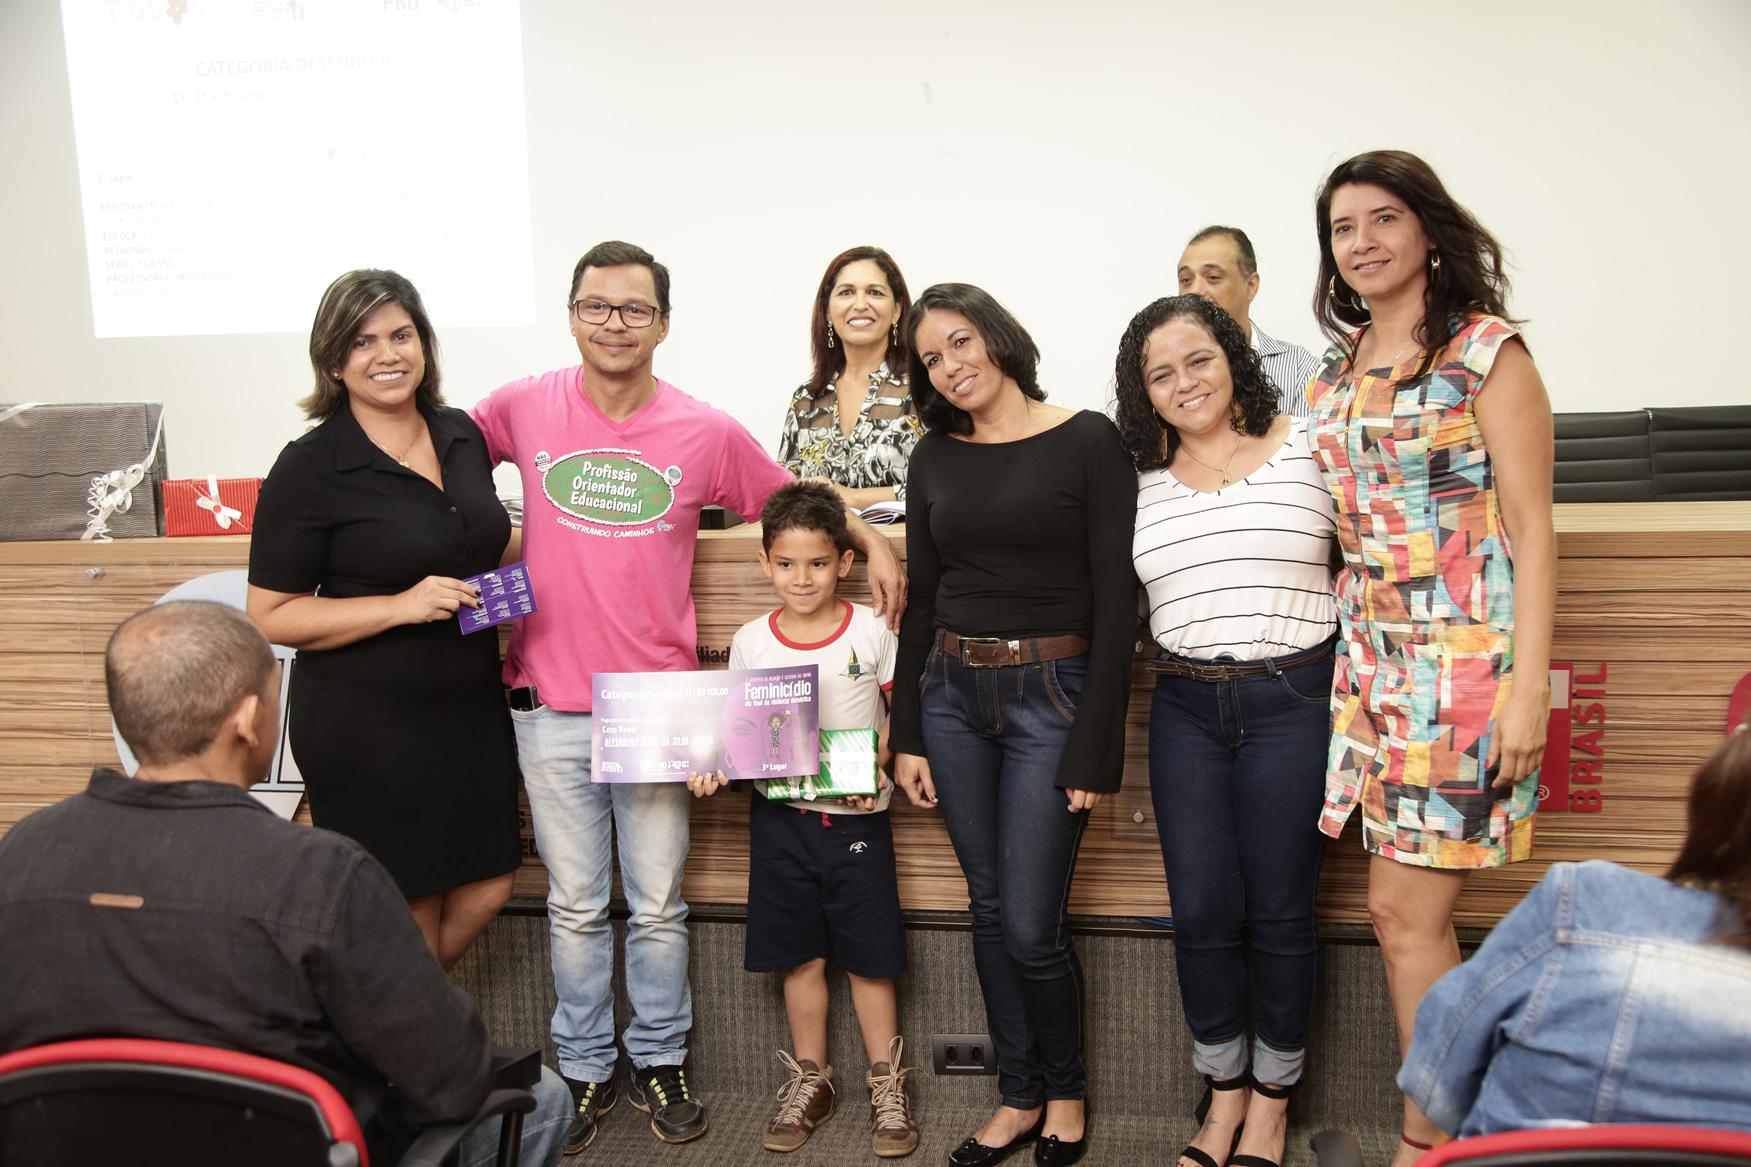 2019.05.19-Premiacao-do-X-Concurso-de-Redacao-do-Sinpro-DF_fotos-ECOM-132